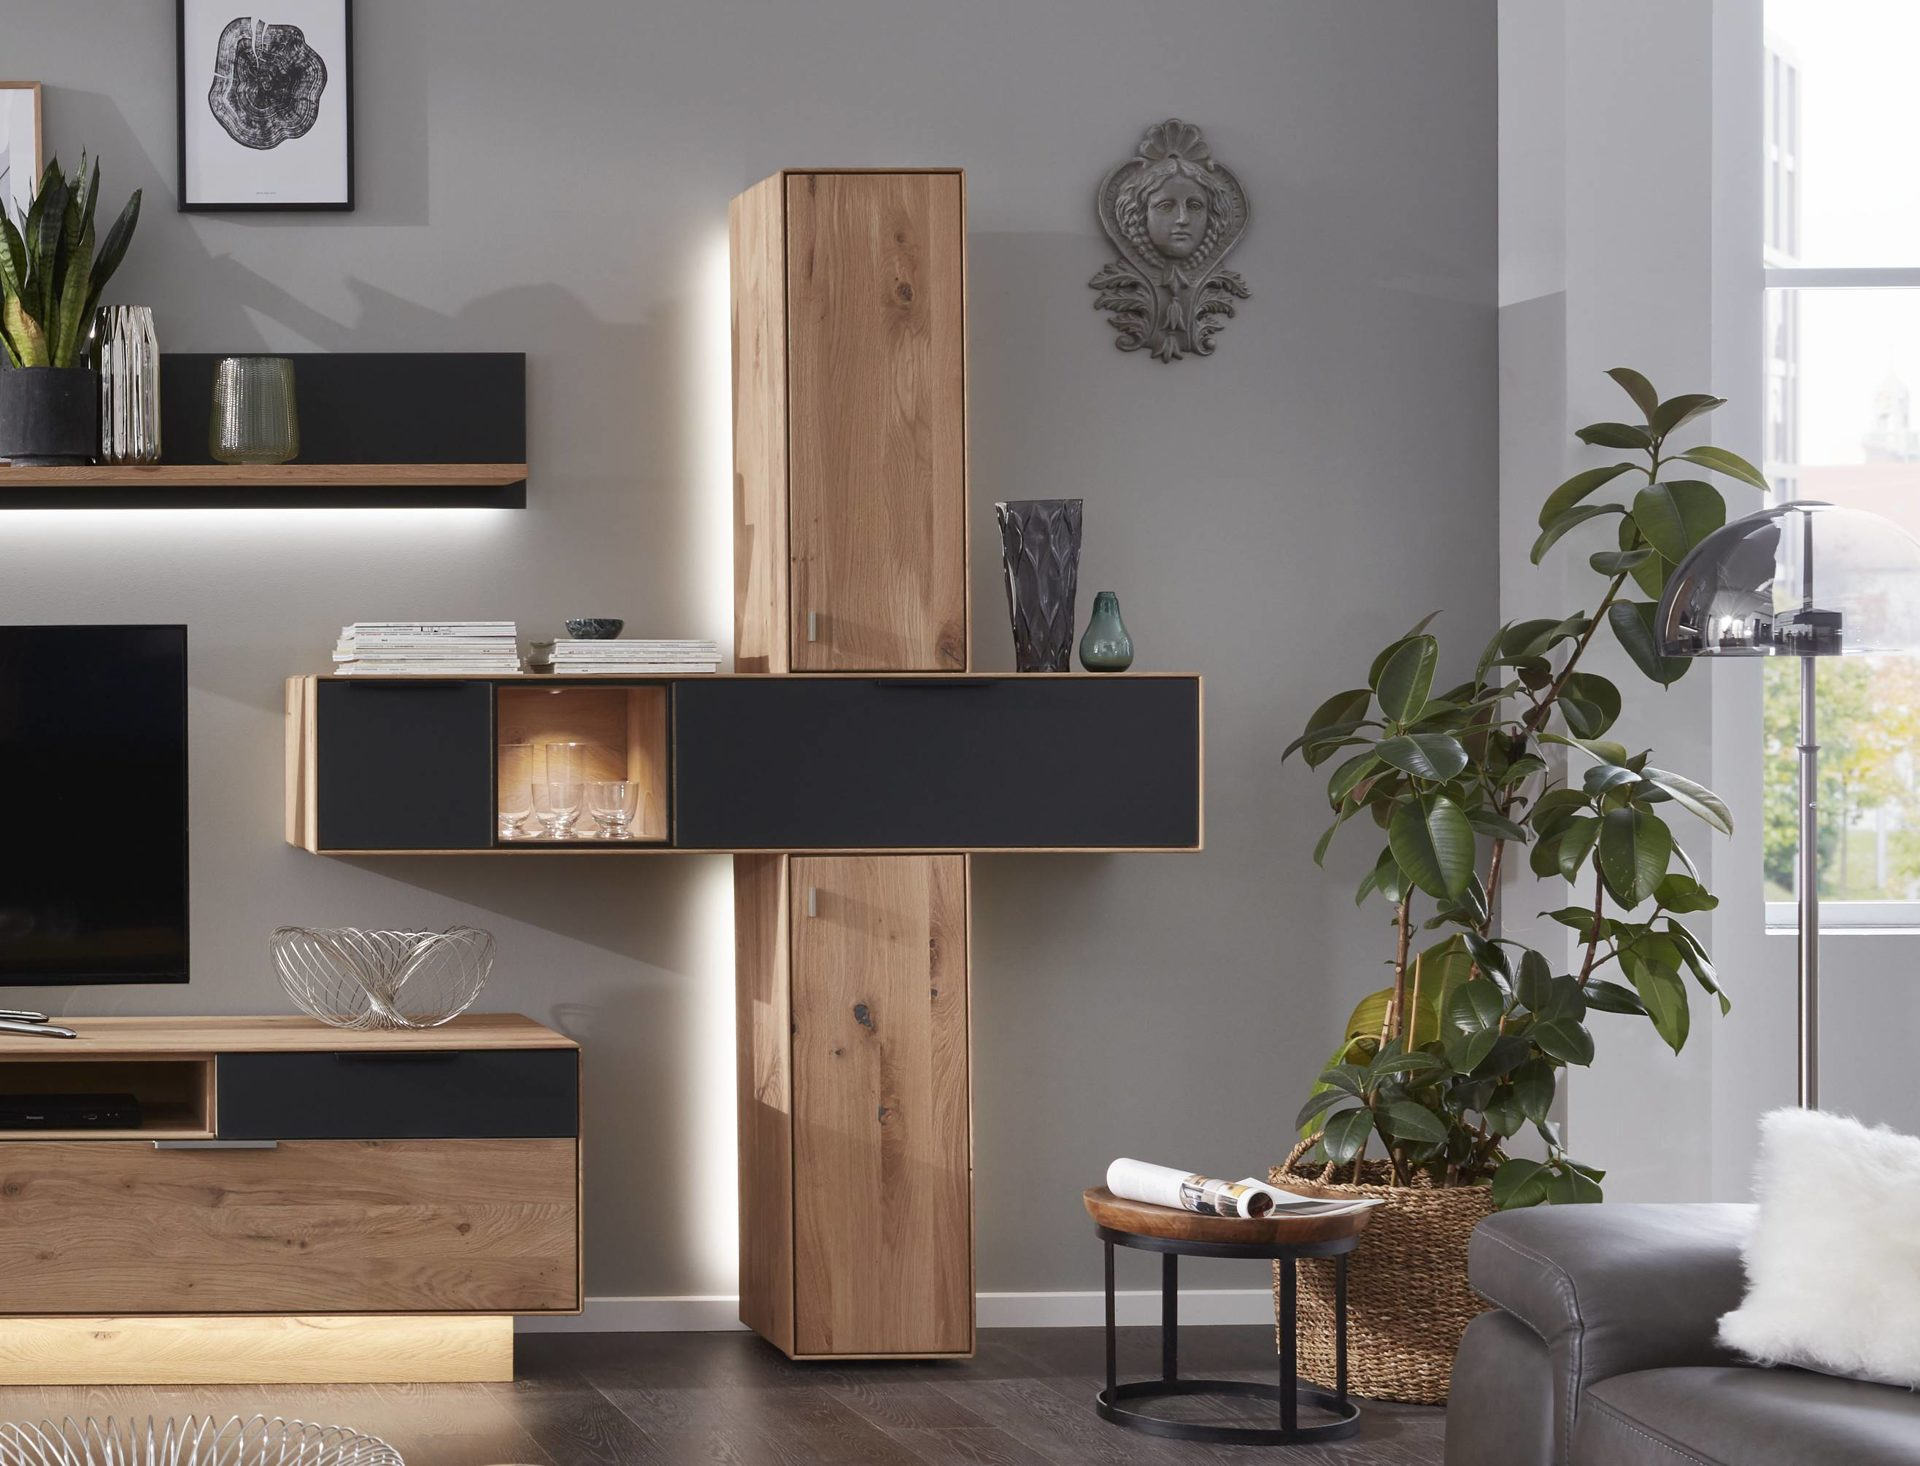 Interliving Wohnzimmer Serie 17 – Hängeschrank-Set mit Beleuchtung,  Asteiche & anthrazitfarbenes Glas – eine Klappe, zwei